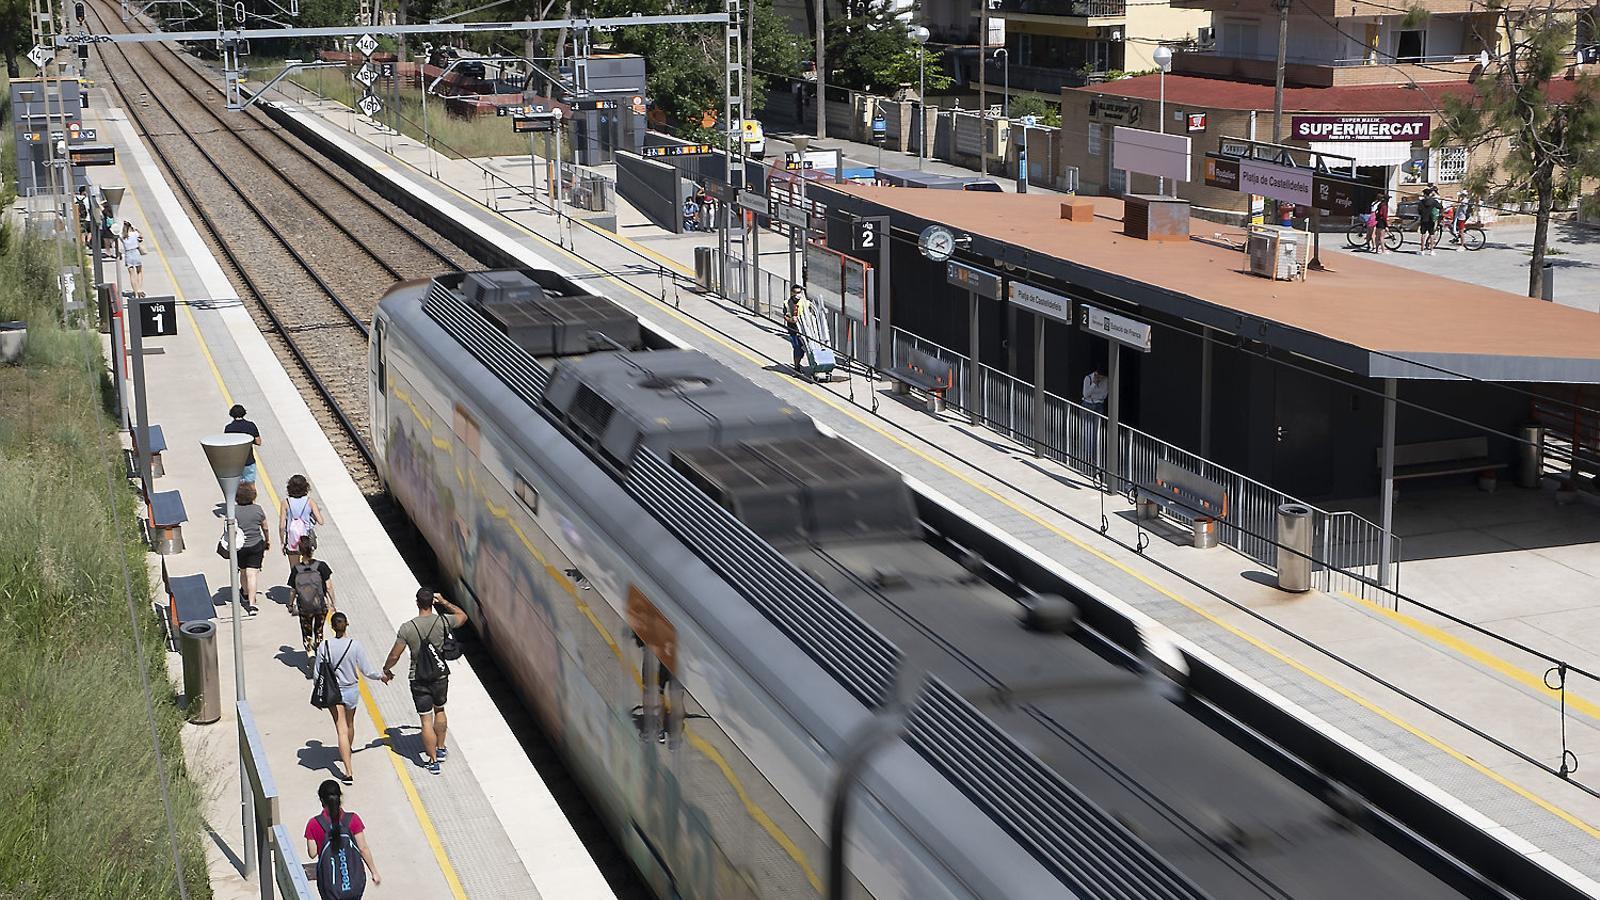 Una dècada buscant justícia per l'accident de tren de Castelldefels